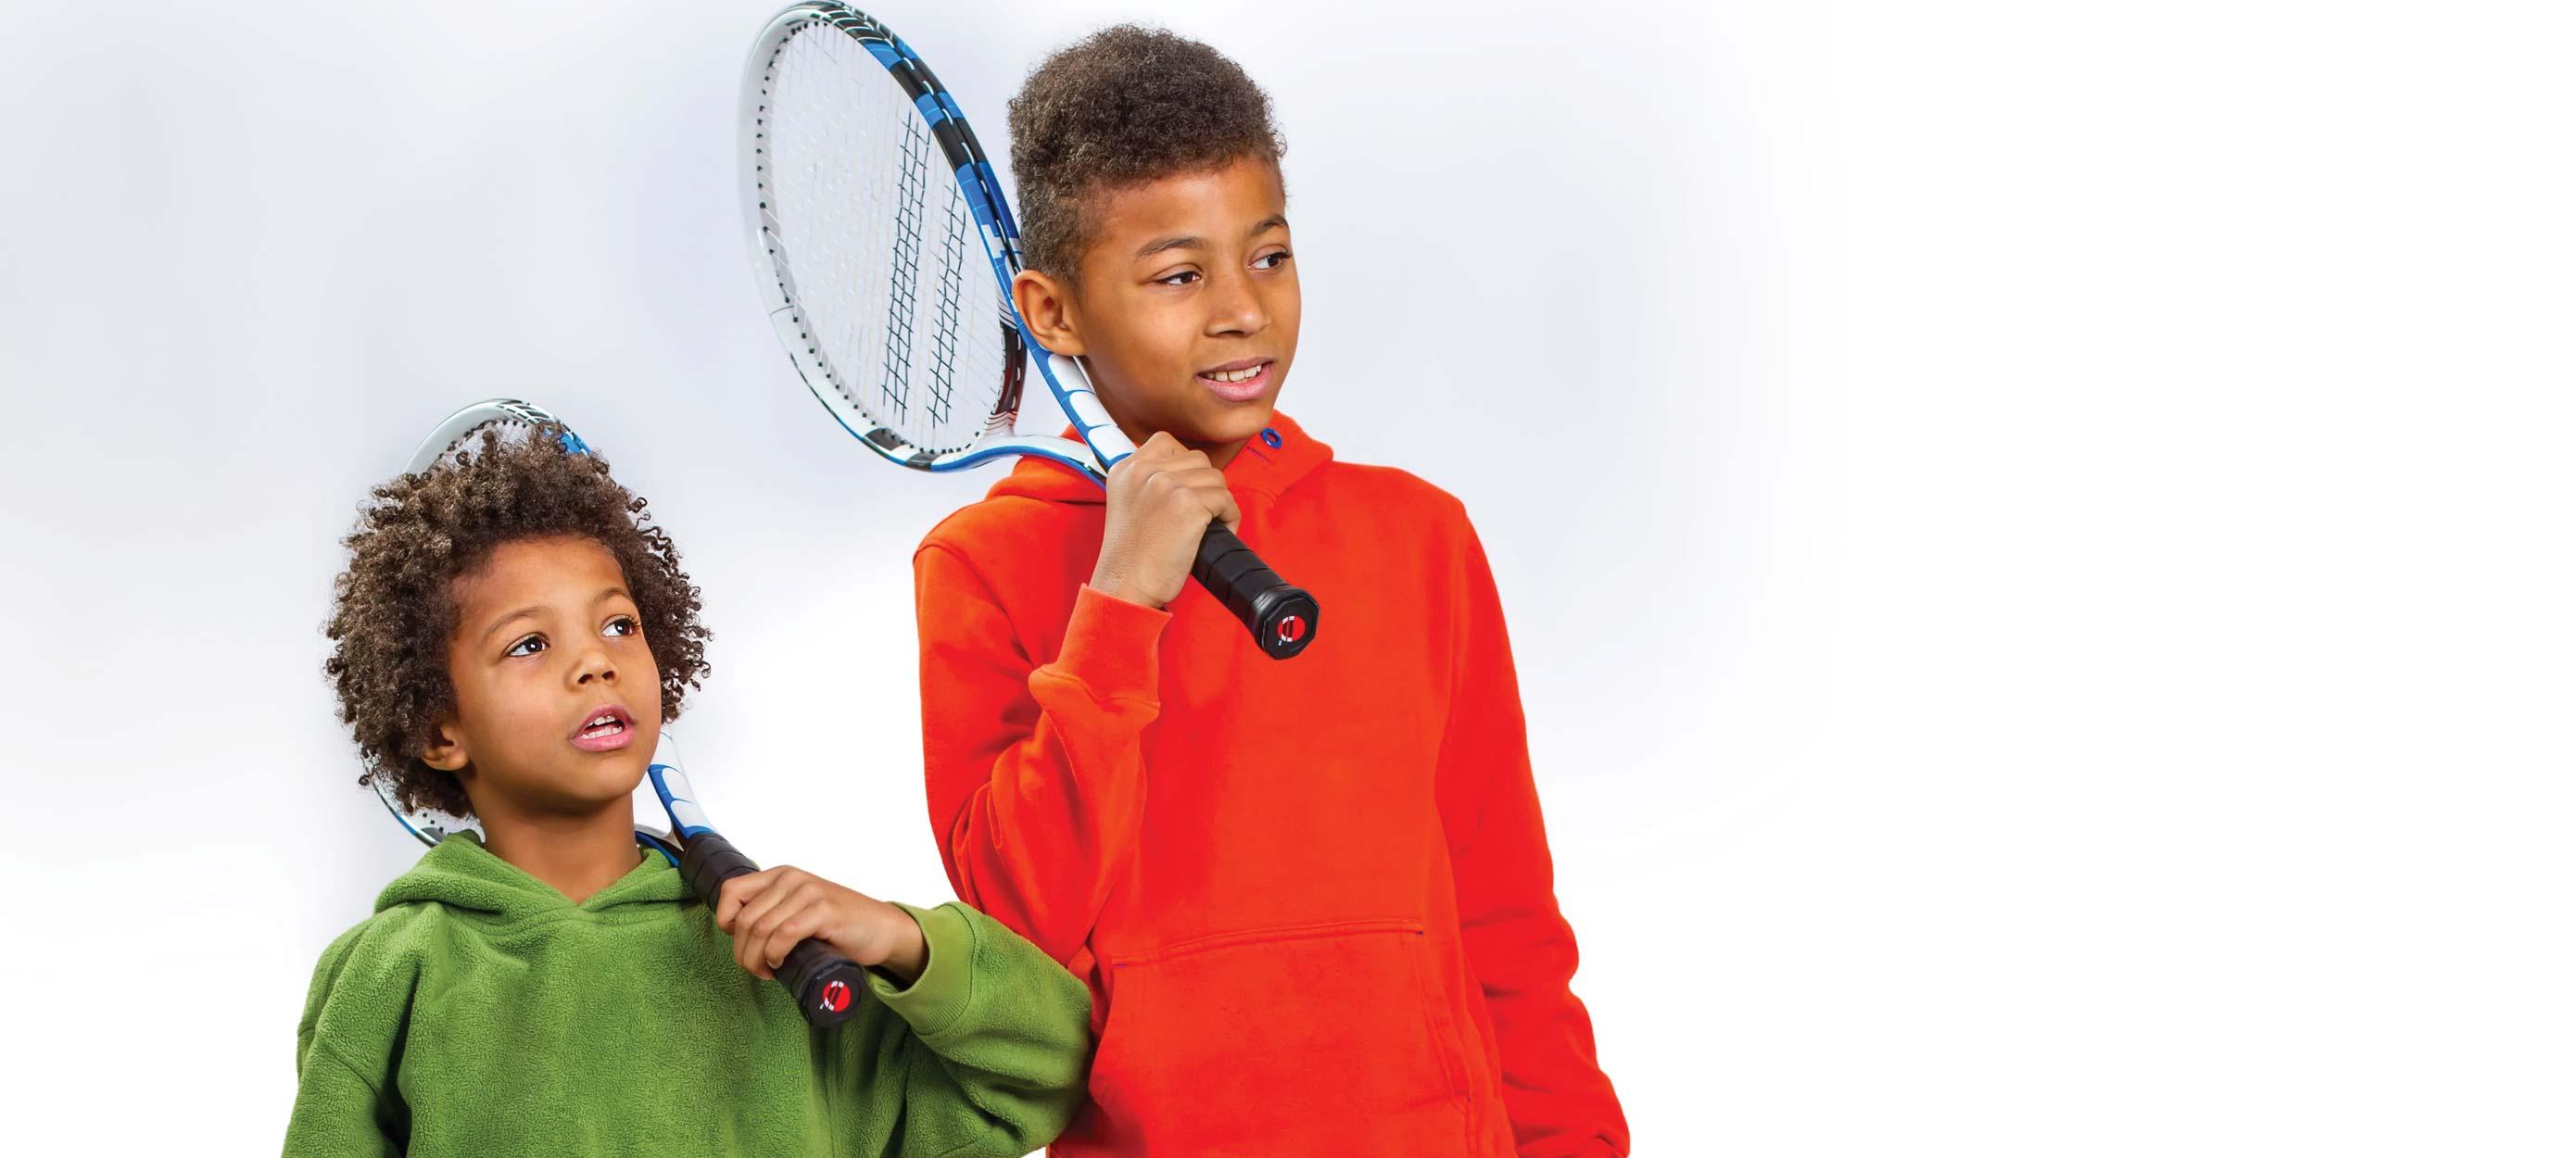 Tennis - FUNdamental Summer Youth Sports